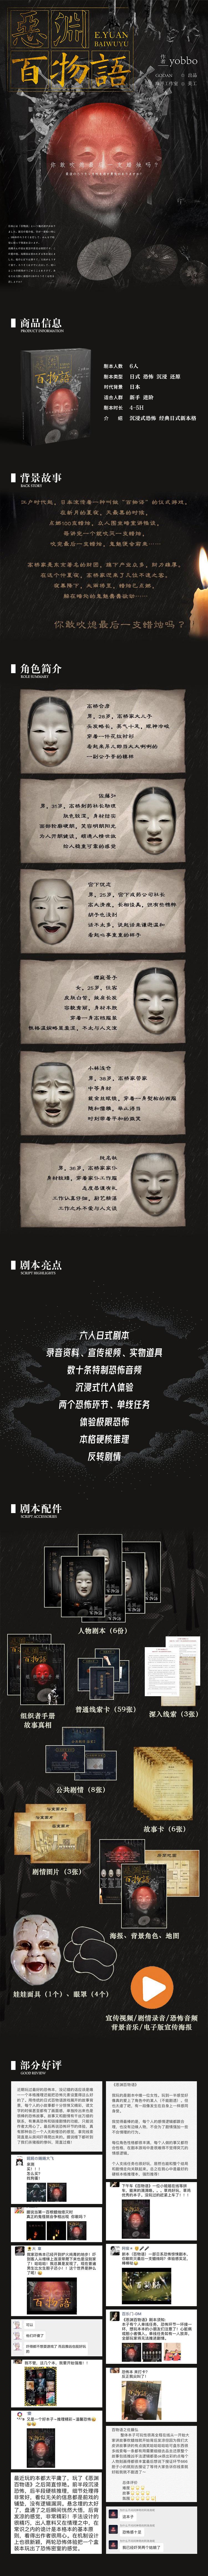 『恶渊百物语』剧本杀复盘_凶手作案手法揭秘_答案_线索_真相解析